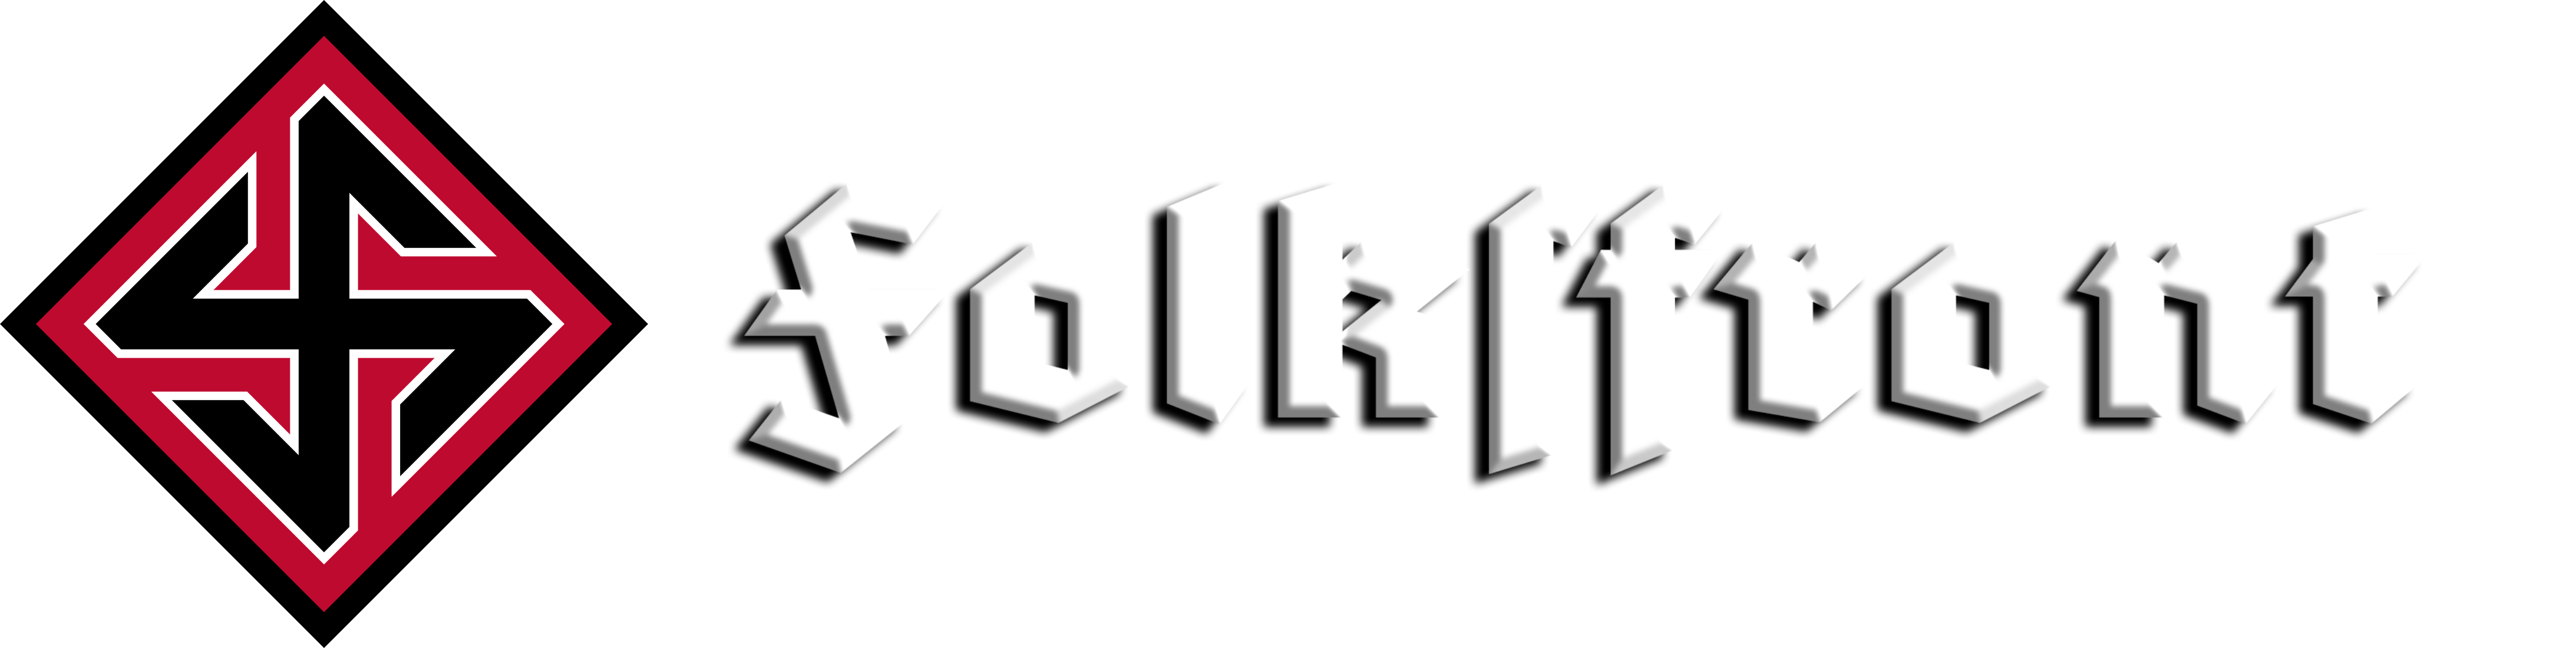 Folksfront